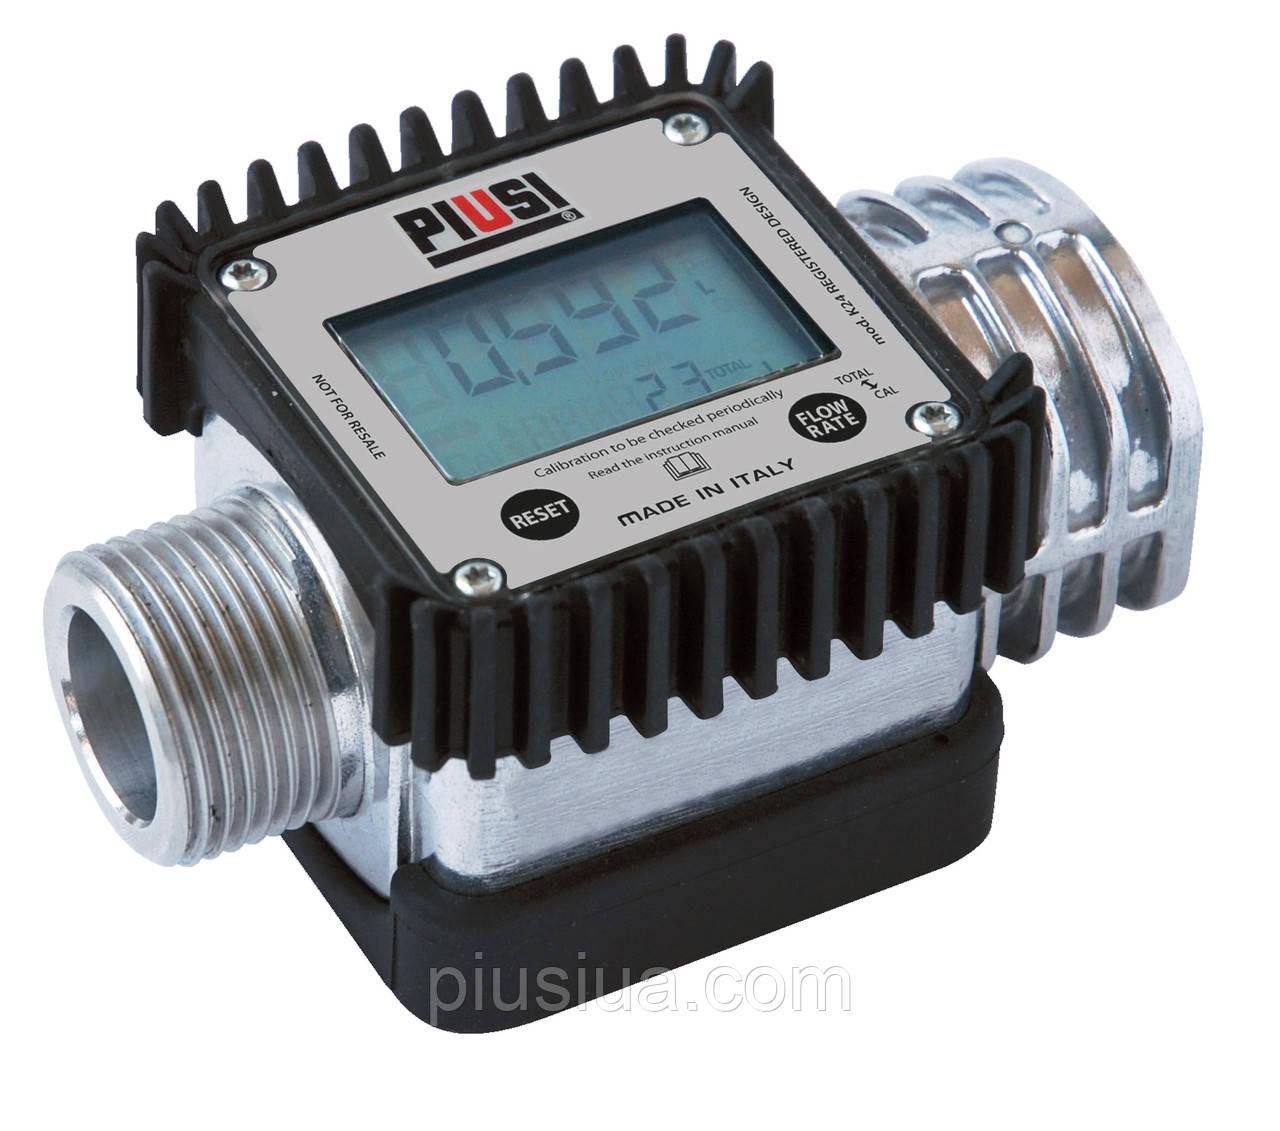 Счетчик для топлива PIUSI K24 EX